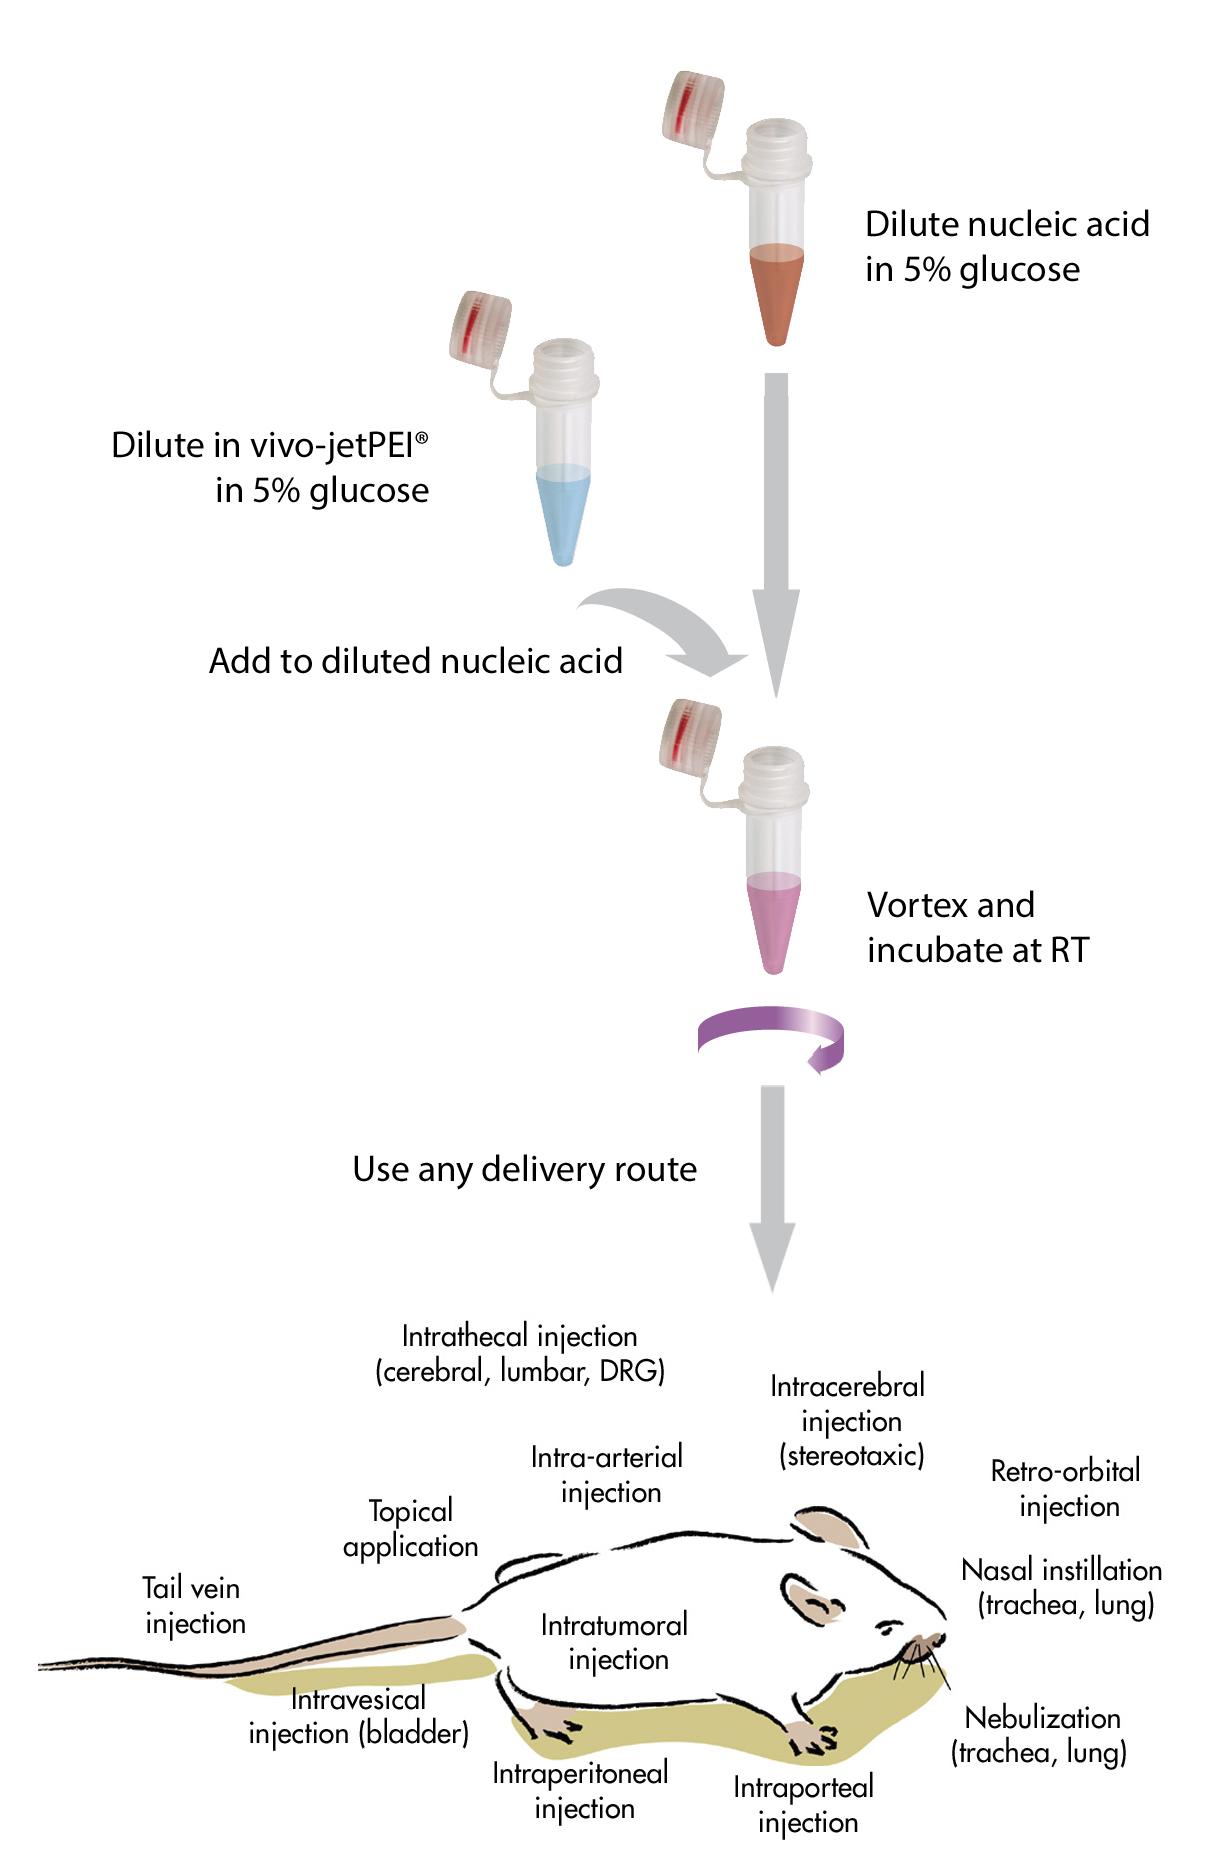 in vivo-jetPEI - Protocol